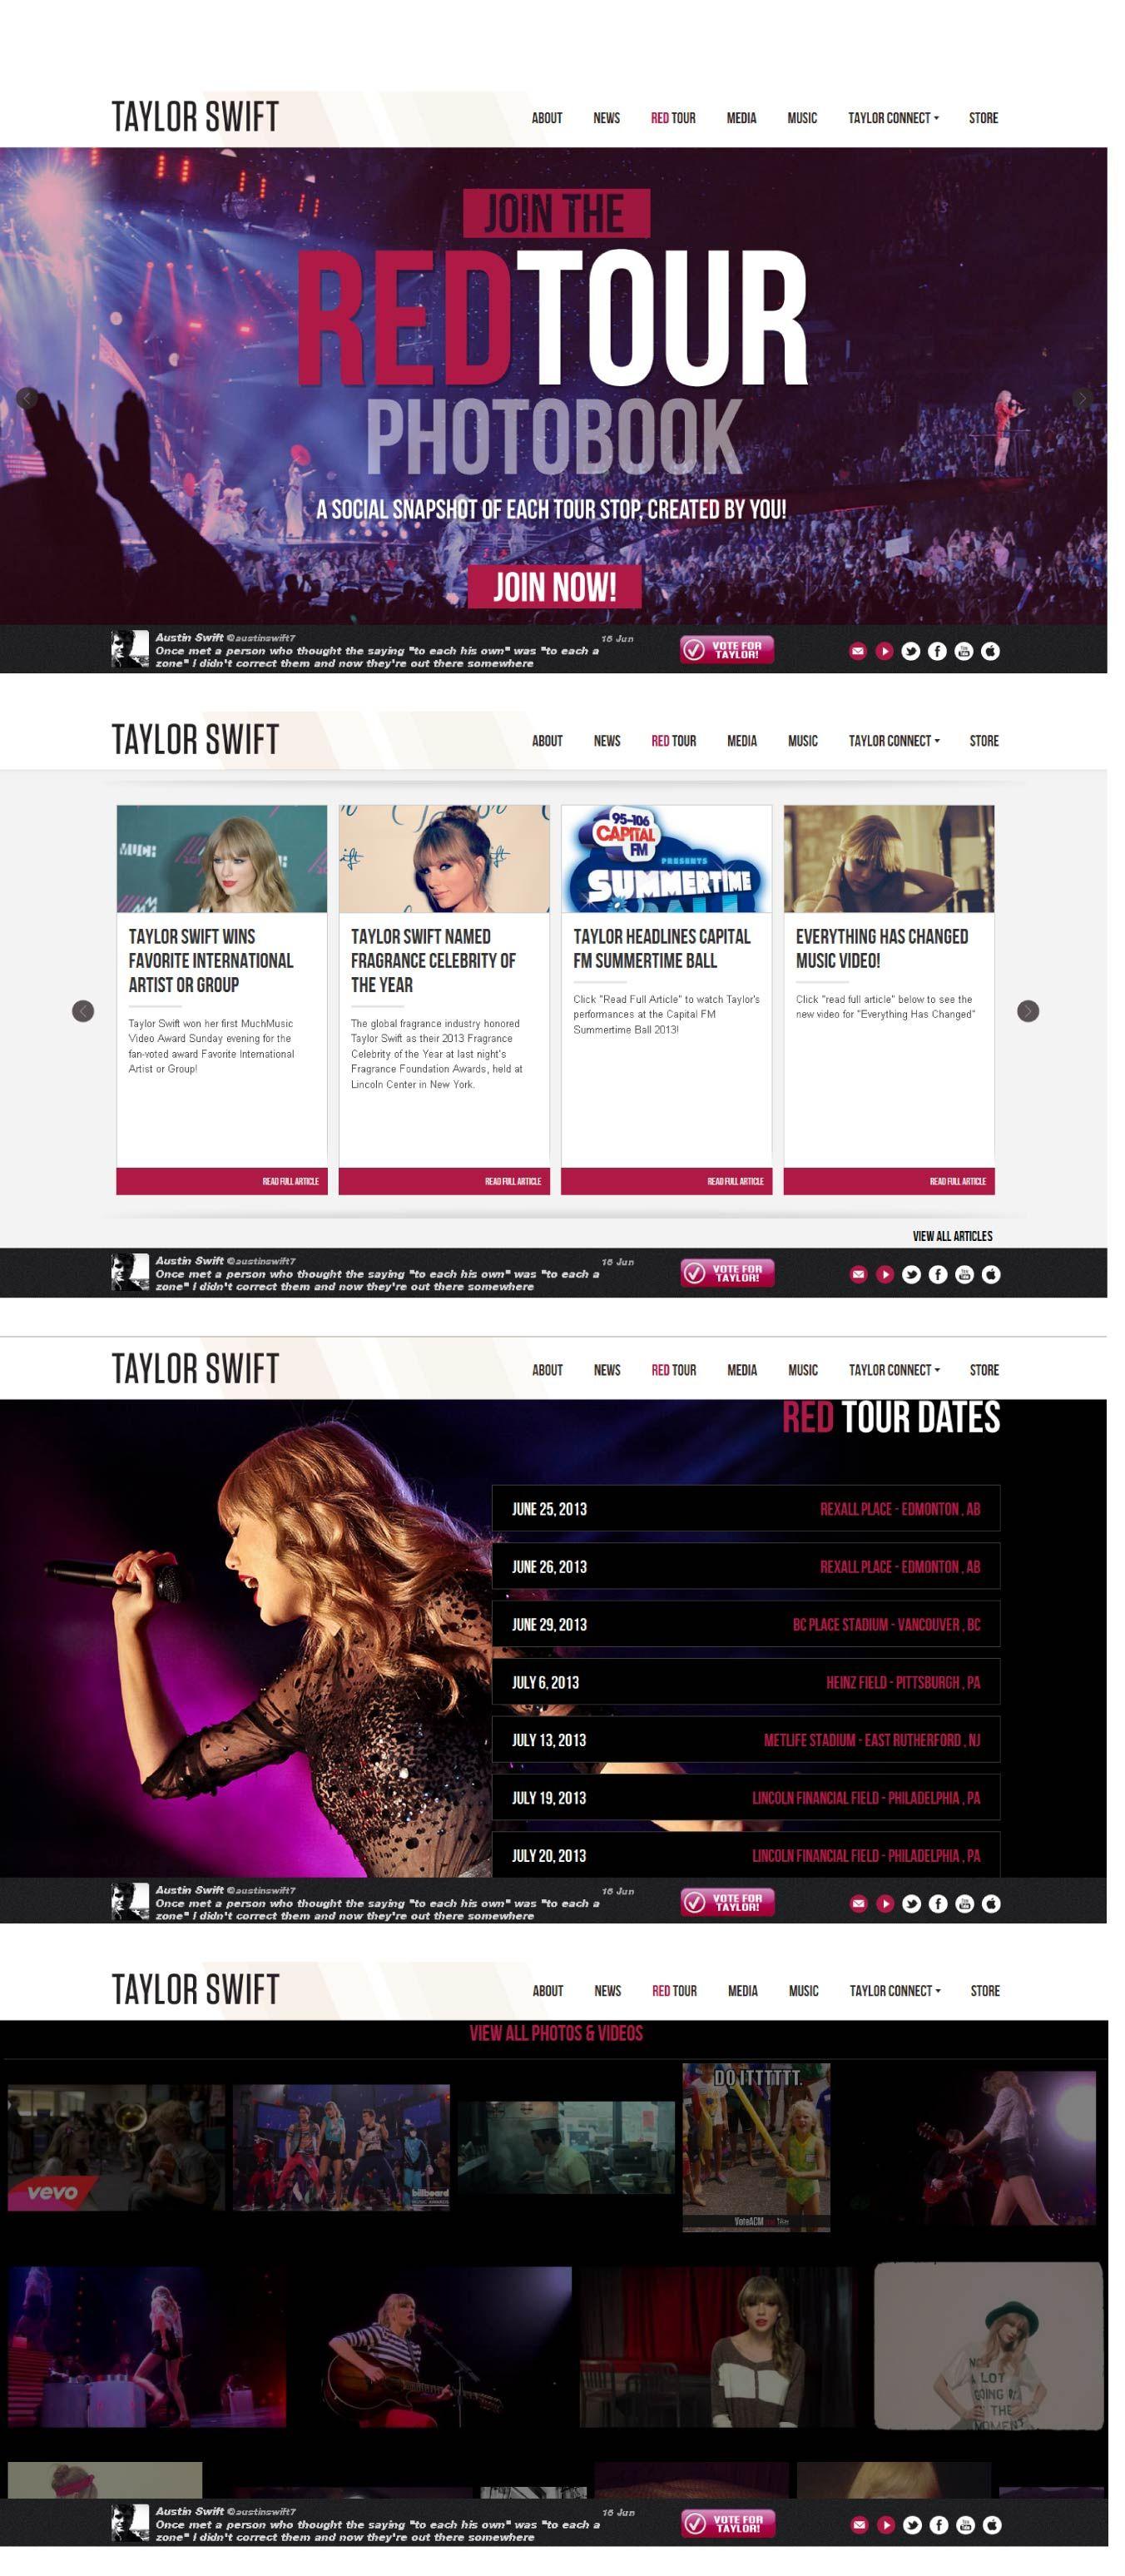 Lo que me parecio interesante de esta página de una cantante norteamericana, es la información que contiene, que clara, y facil de encontrar, donde se puede ver desde fotos y videos hasta las fechas de su tour.